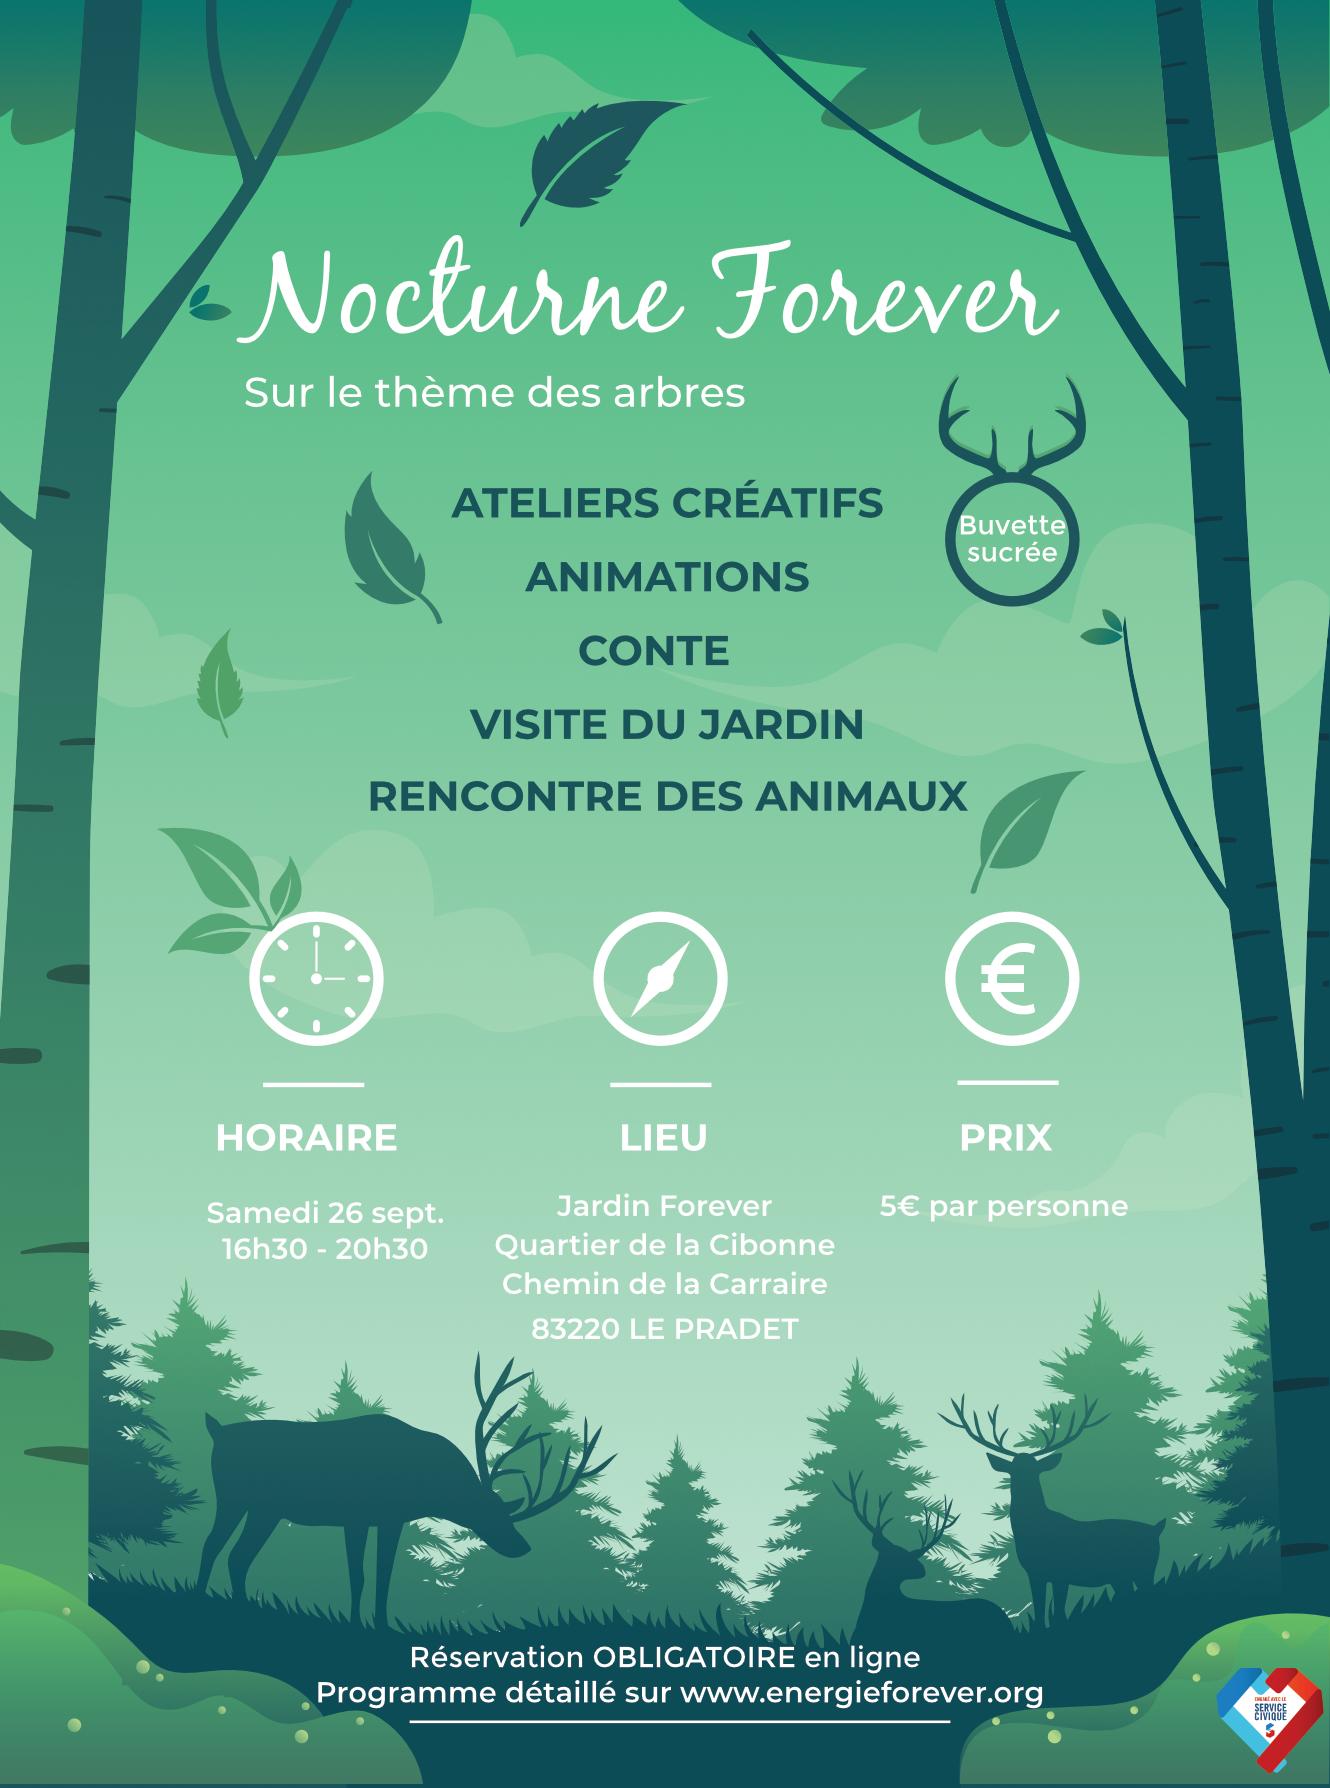 Affiche Nocturne Forever Les arbres